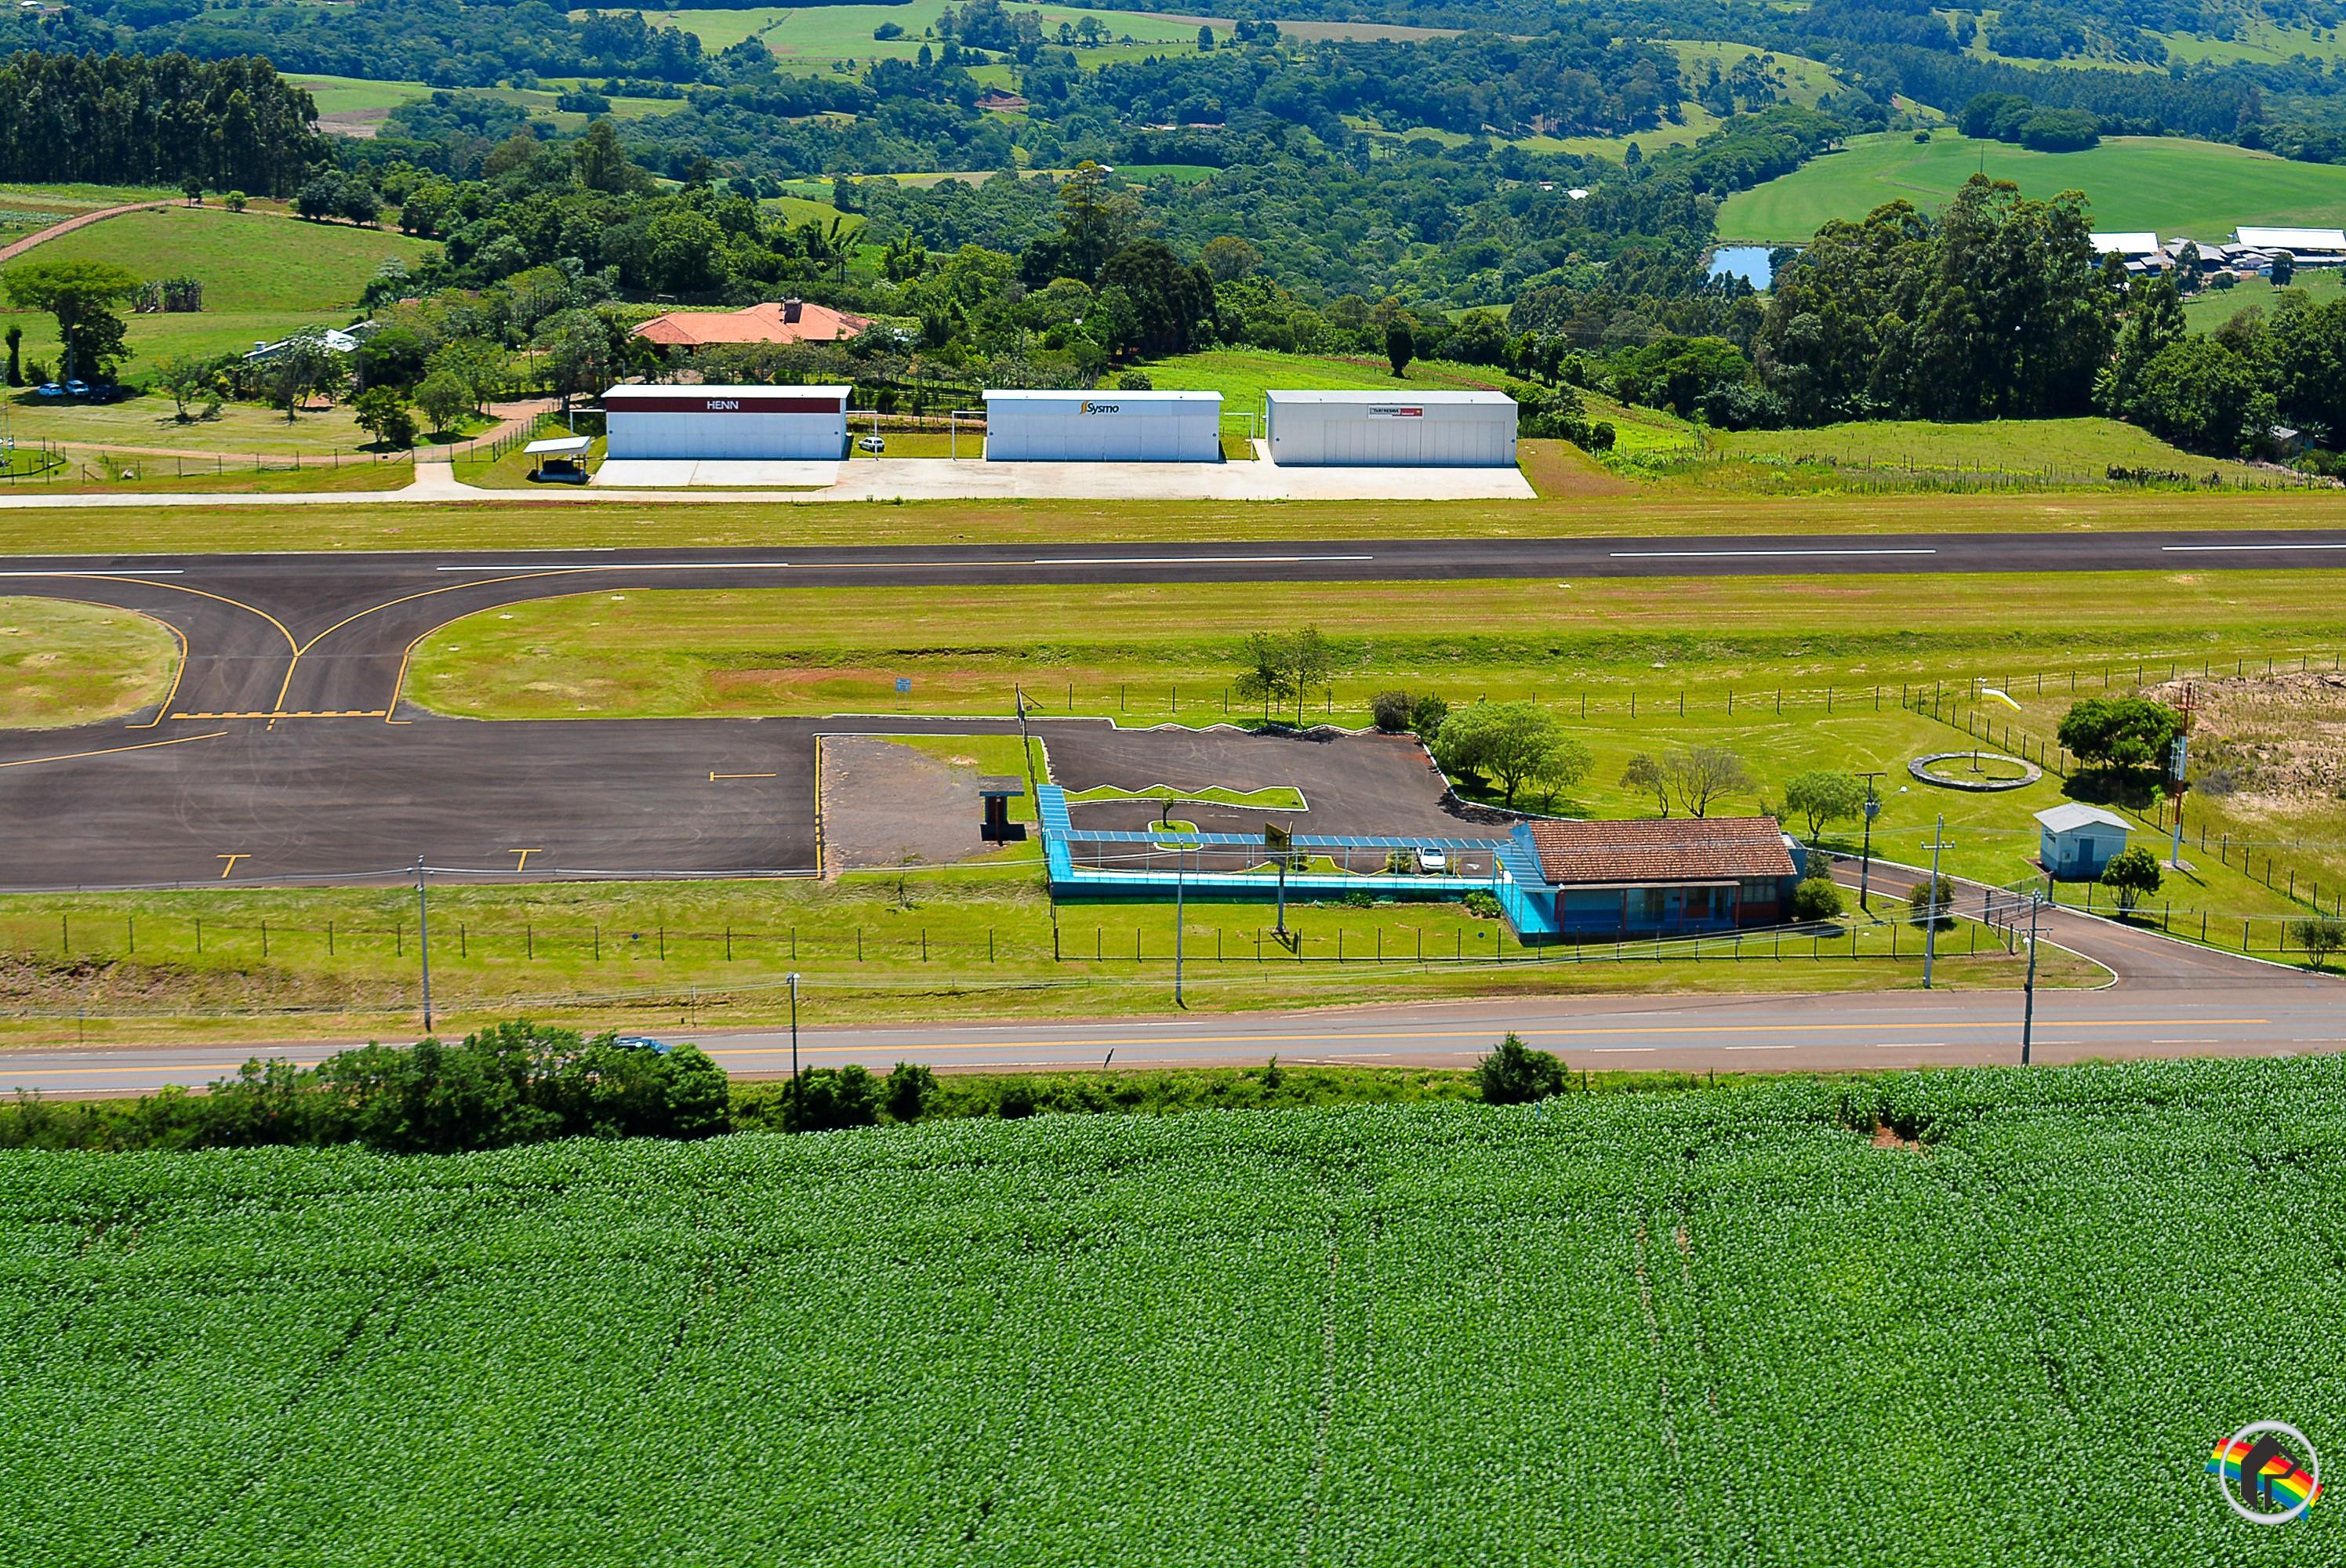 Aeroporto de São Miguel do Oeste pode ser repassado para o Consórcio dos Municípios